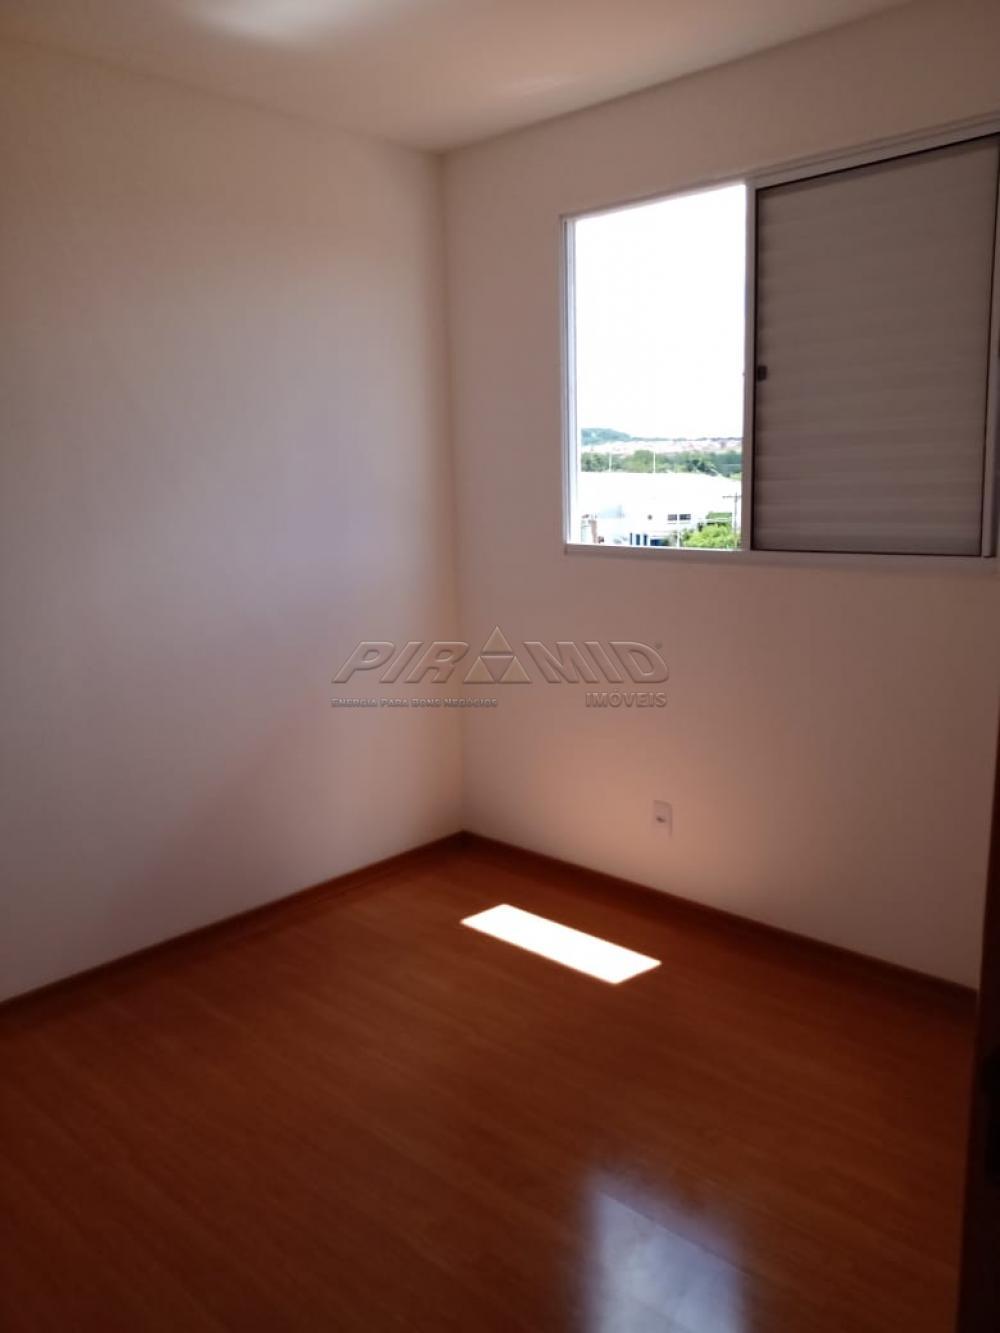 Alugar Apartamento / Padrão em Ribeirão Preto apenas R$ 600,00 - Foto 5